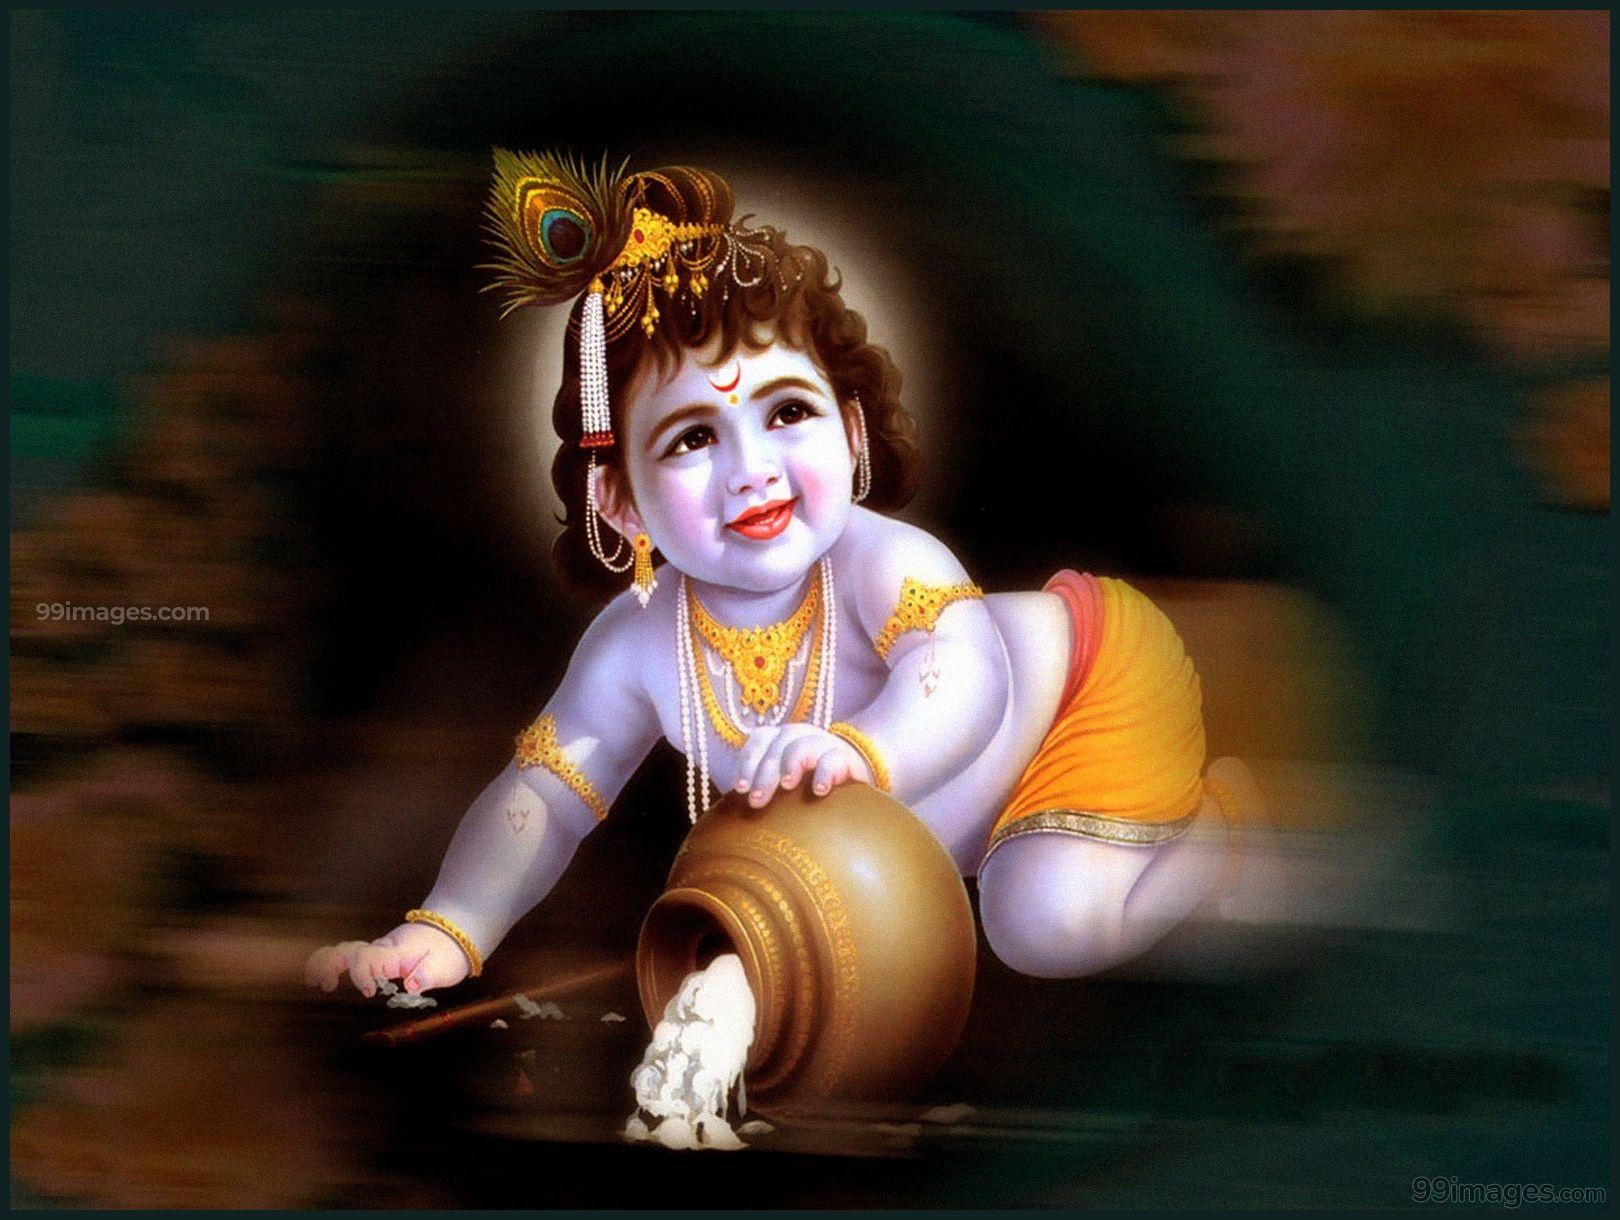 Best Lord Kannan Hd Images 13533 Lordkannan Hindu God Littlekrishna Krishna Wallpaper Krishna Images Lord Krishna Images